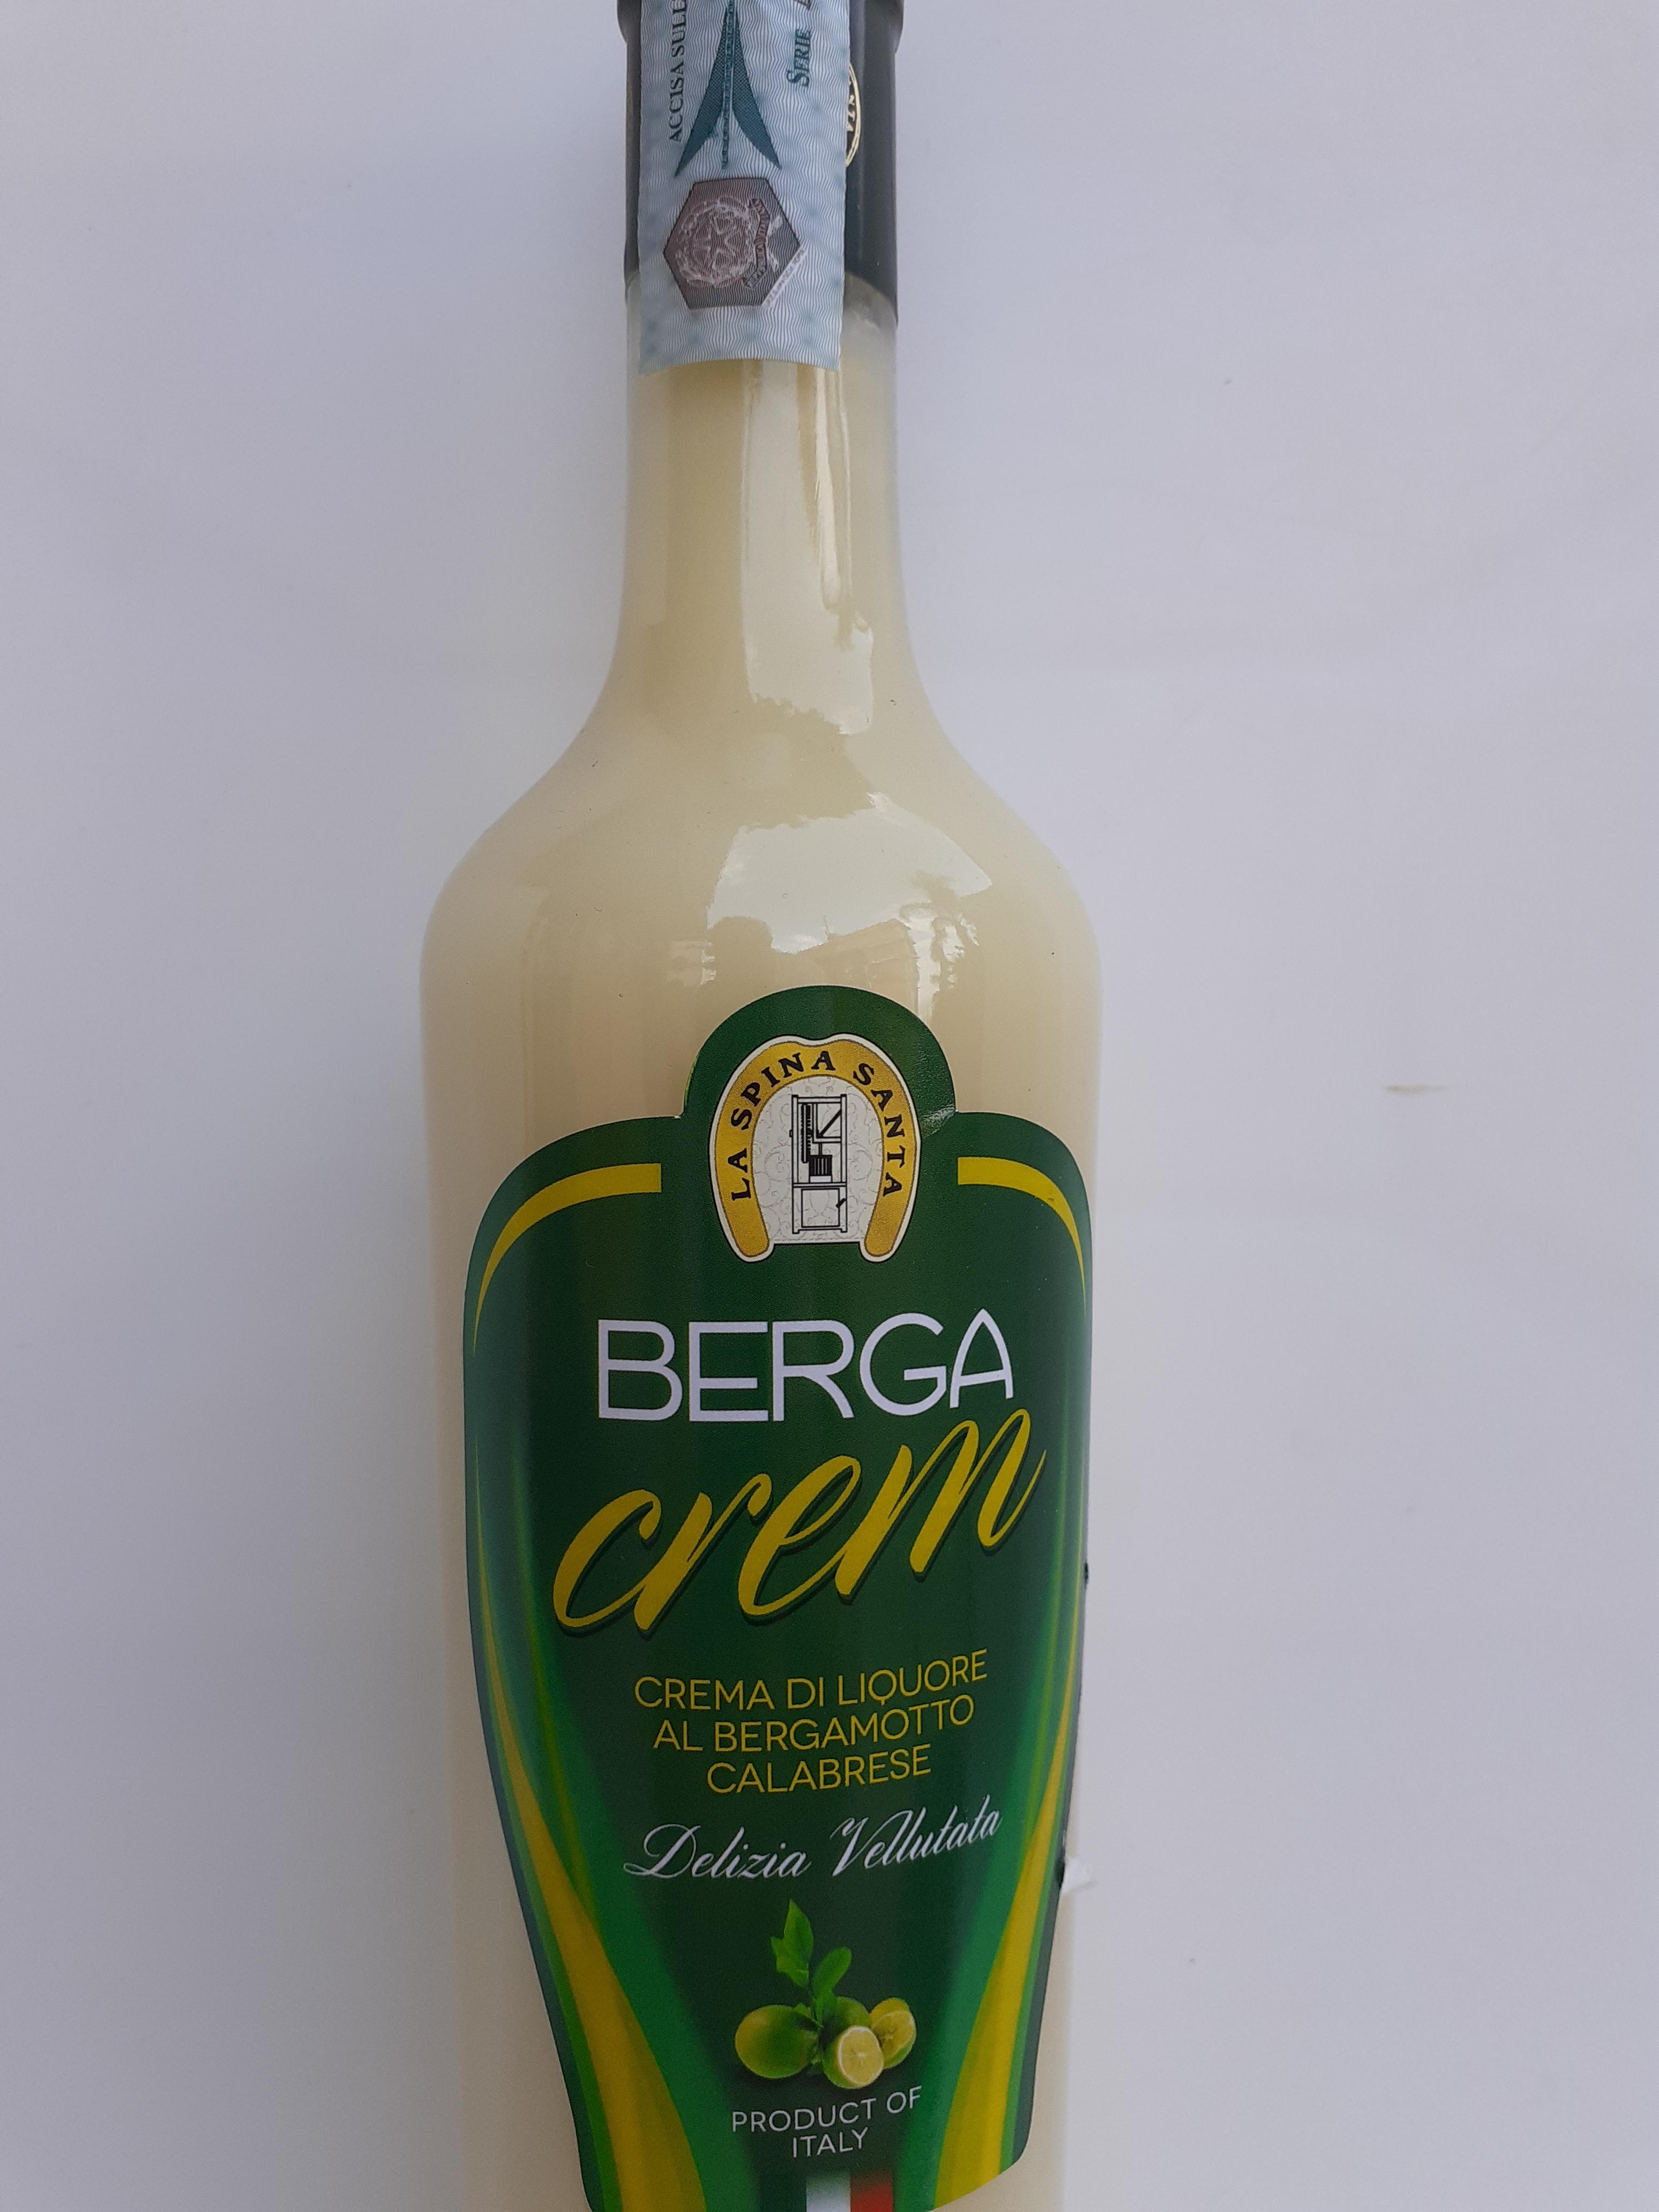 BERGA CREM 50cl Crema di liquore al Bergamotto Calabrese fatta con infuso di Bergamotti, latte, zucchero, alcool puro, panna e acqua. Ditta La Spina Santa Bova Marina (RC)